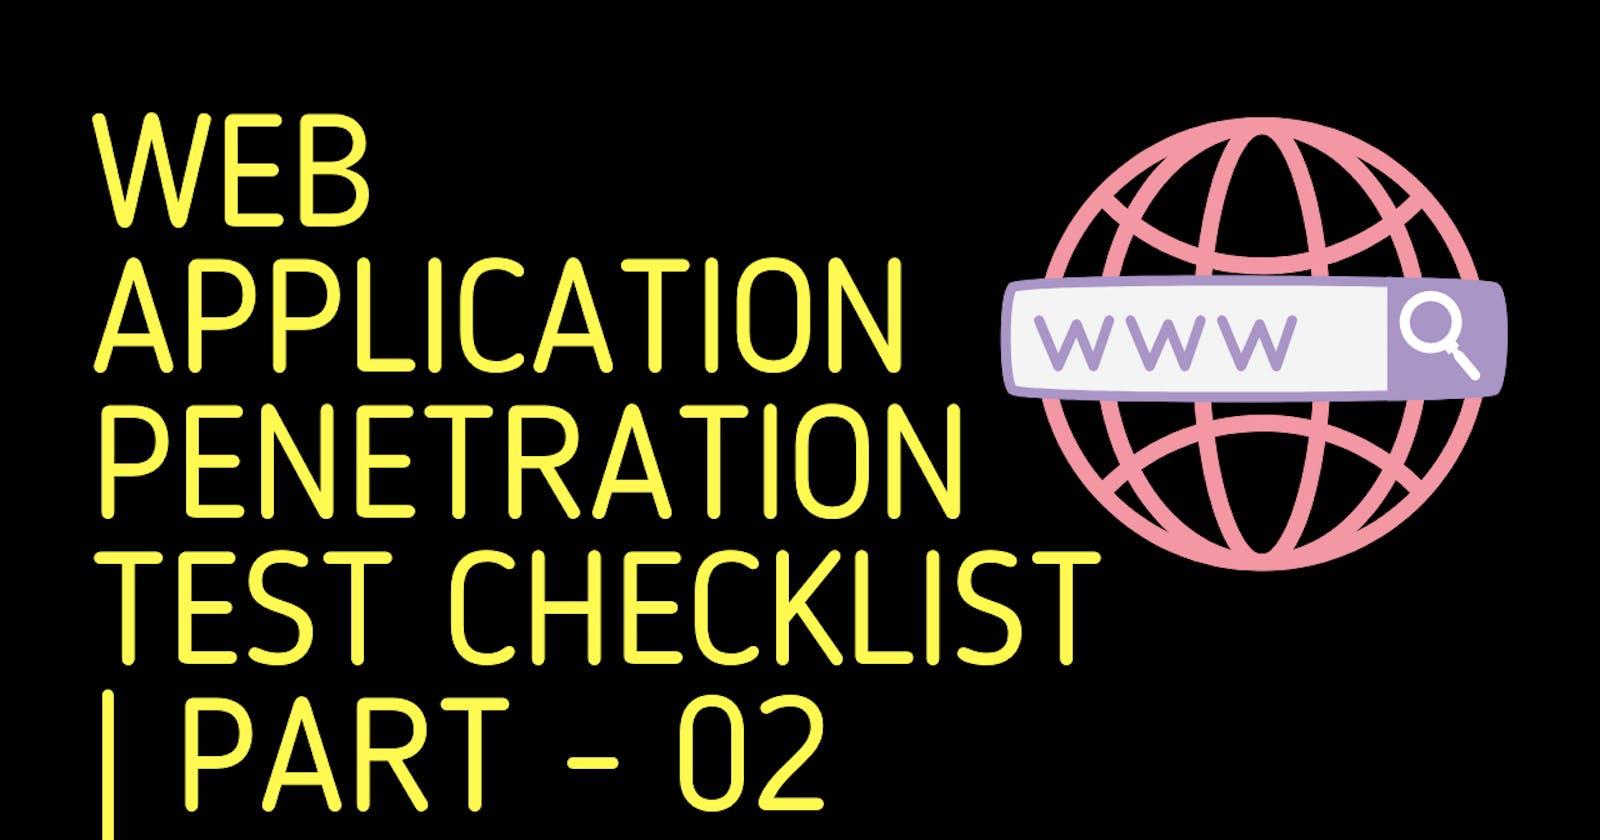 Web Application Penetration Test Checklist | Part - 02